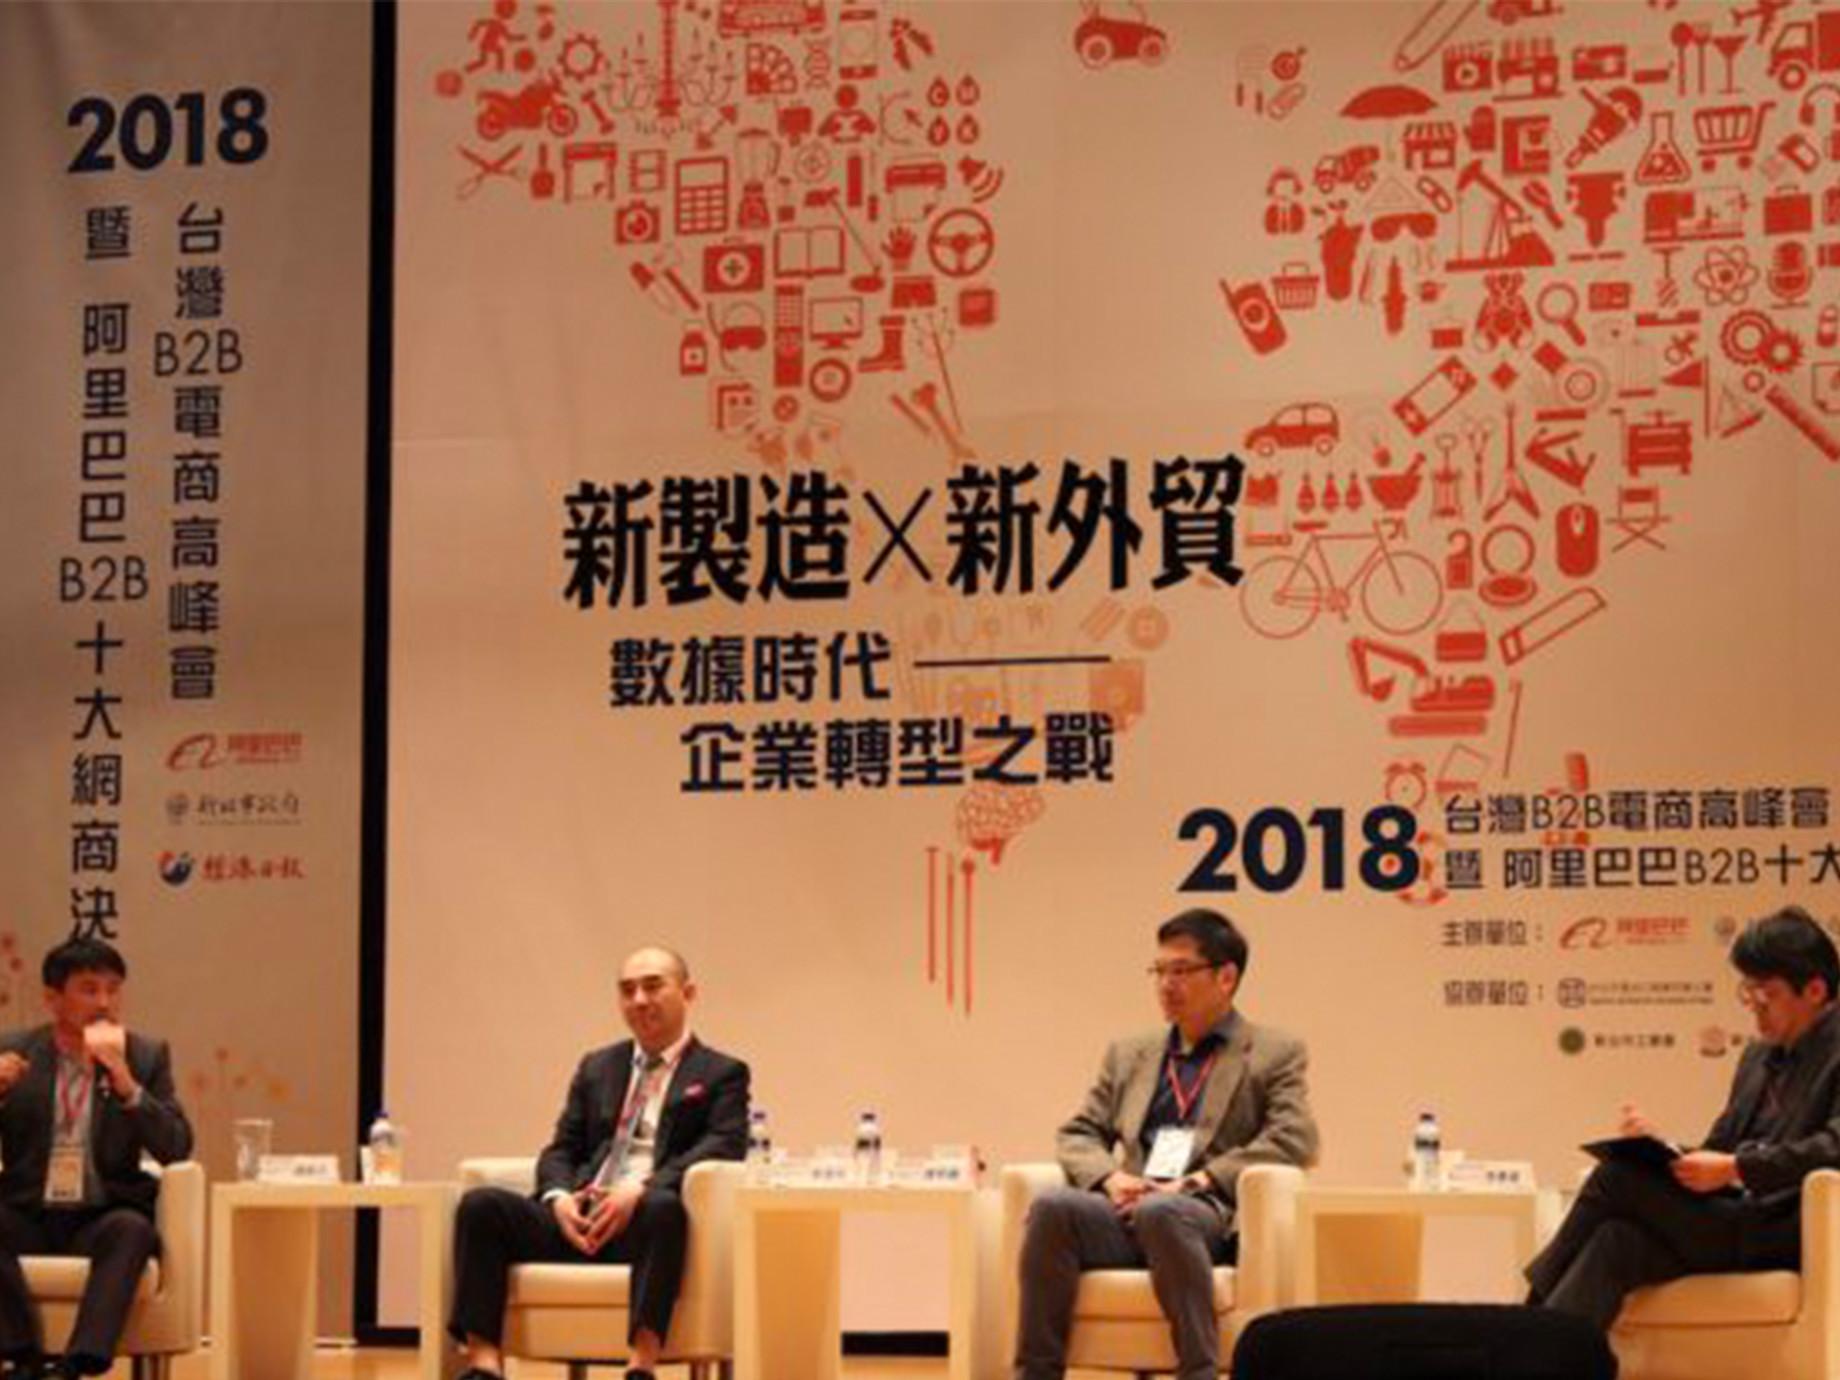 阿里巴巴 B2B 台灣暨香港總經理:台灣B2B跨境電商的3大突破點